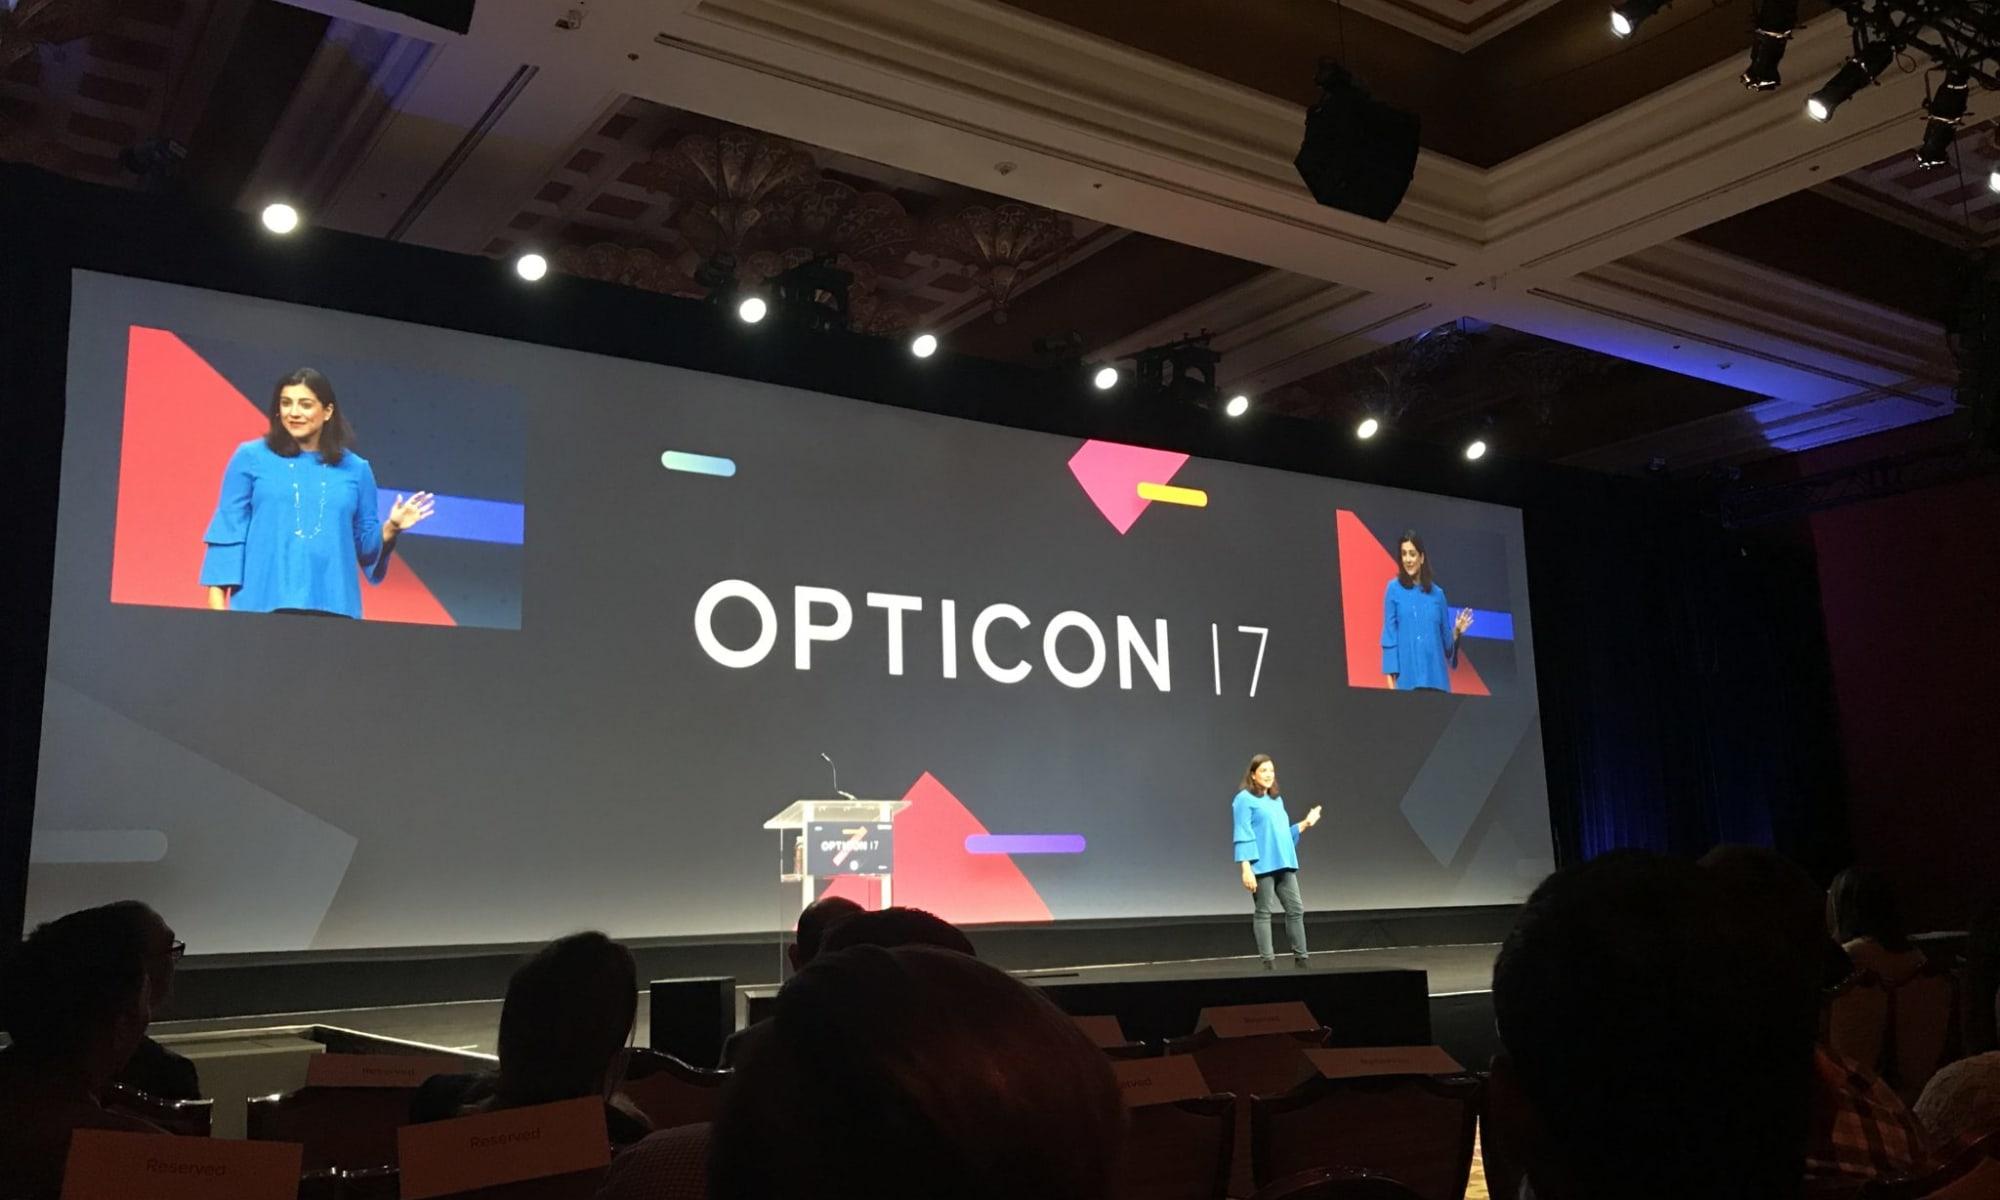 Opticon 2017 - Presentation screen